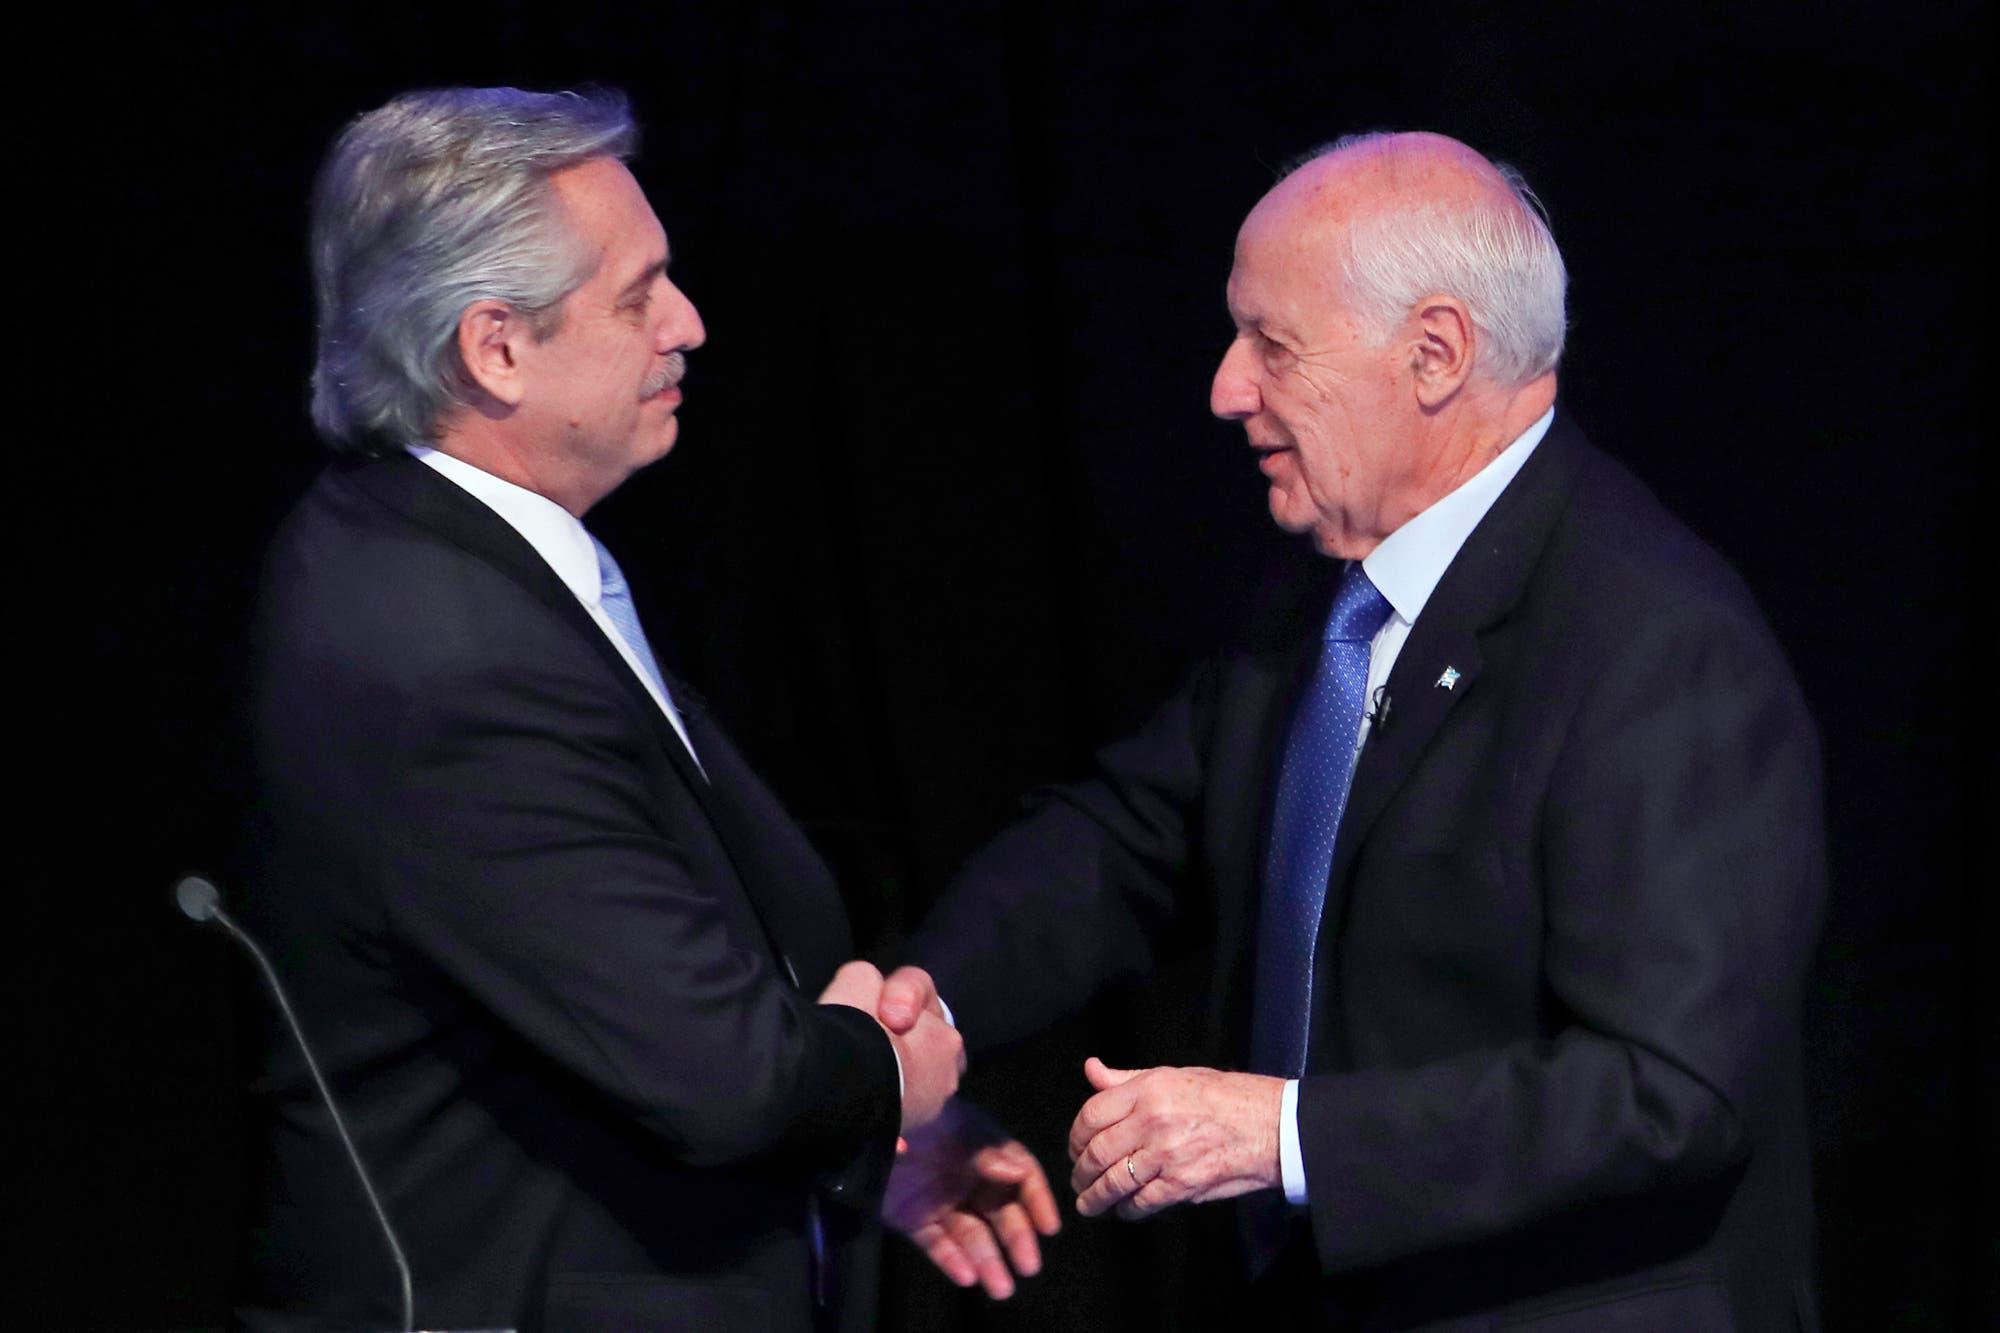 Los diputados de Roberto Lavagna y el socialismo anticiparon su rechazo a la nueva fórmula de movilidad jubilatoria